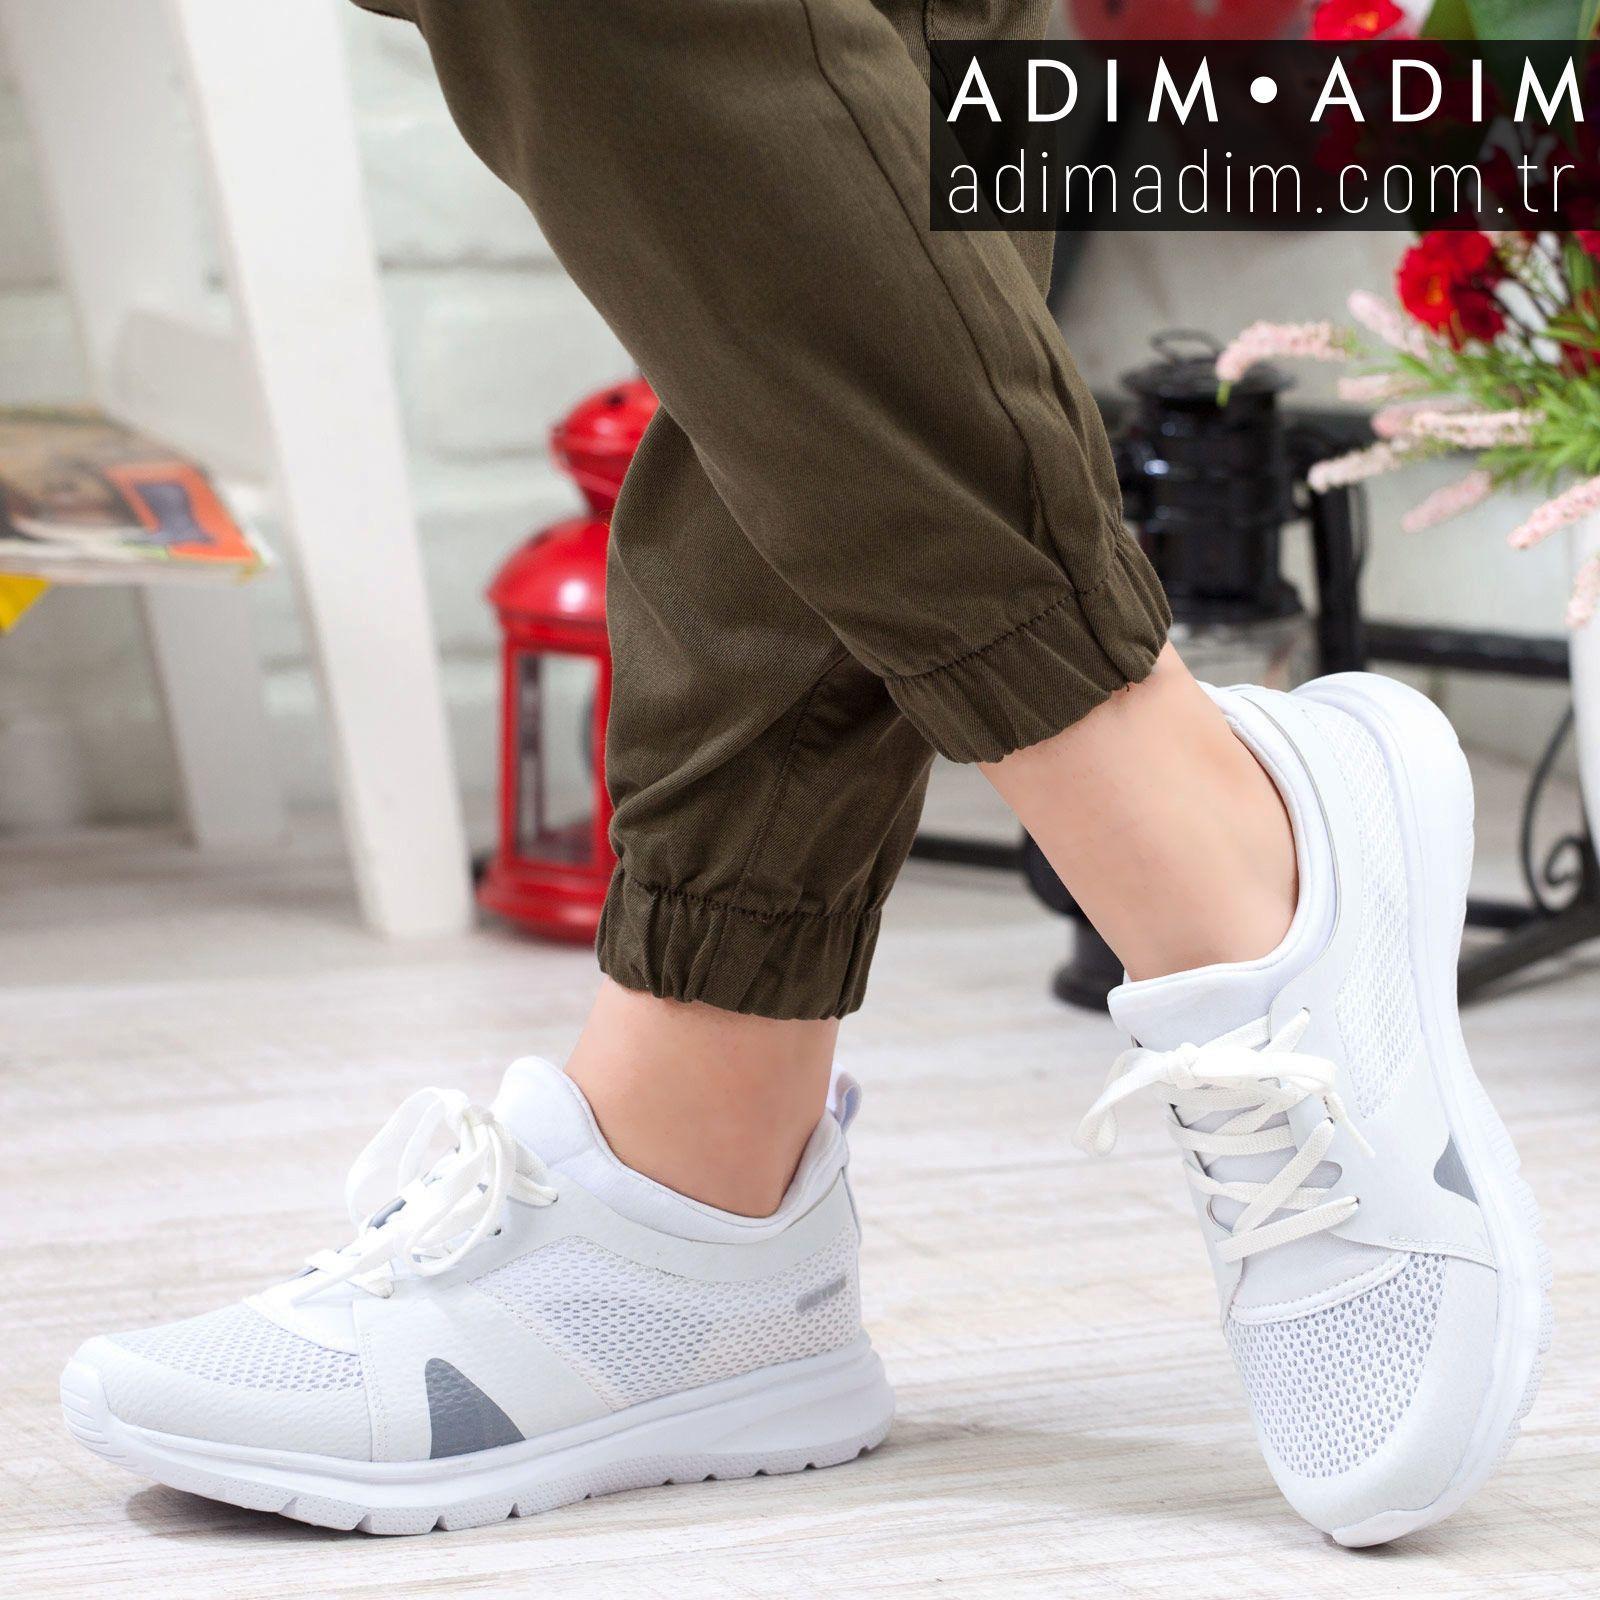 Greyder Kadin Gunluk Spor Ayakkabi Fiyat 219 99 Tl Numara 36 40 Renk Beyaz Urun Kodu A192ygry0002 Whatsap Sneaker Ayakkabilar Spor